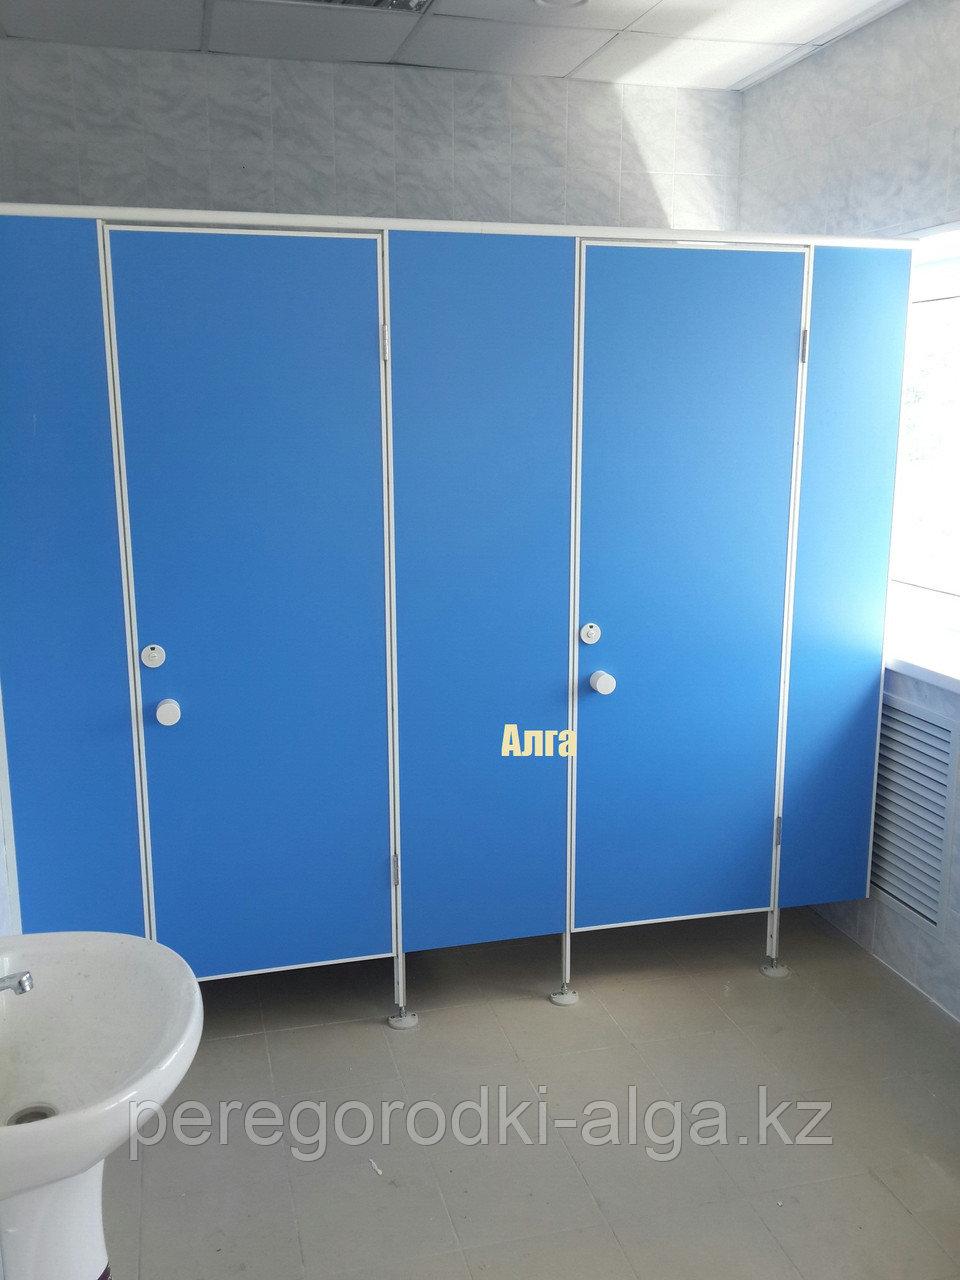 Перегородки сантехнические для туалетов от производителя